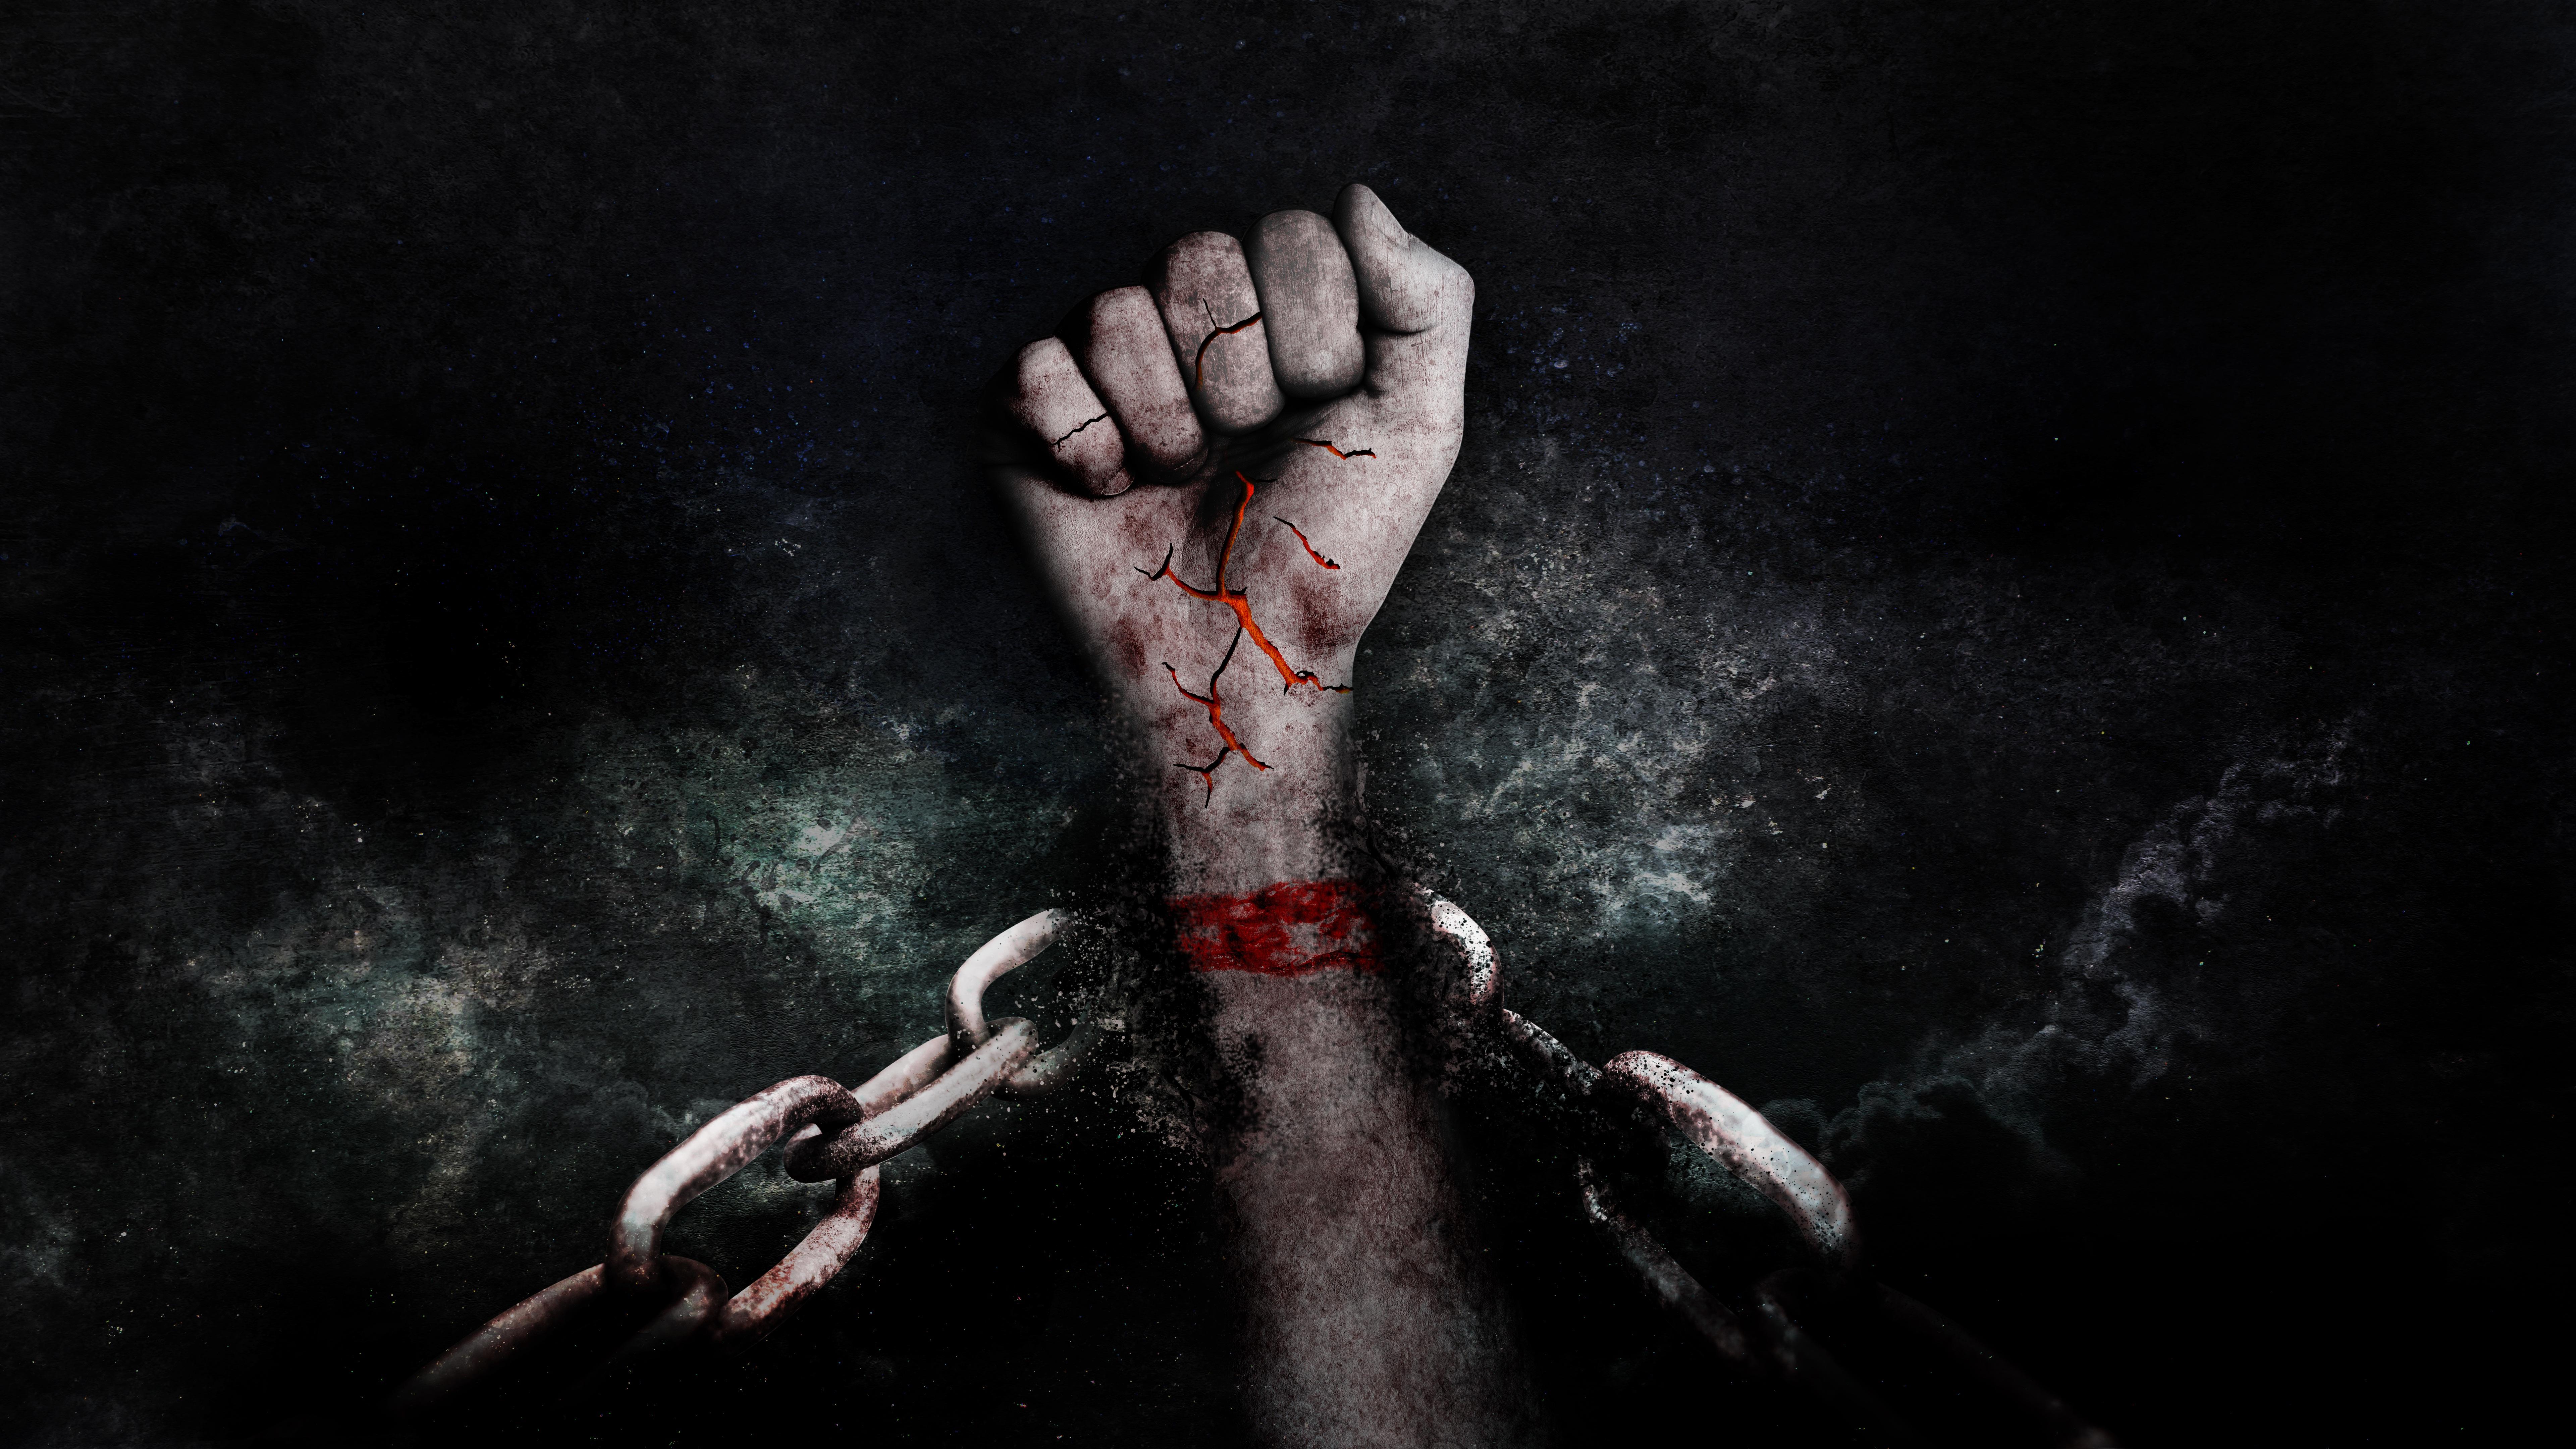 Kostenlose foto : Hand, Dunkelheit, Freiheit, Ketten, Gefängnis ...